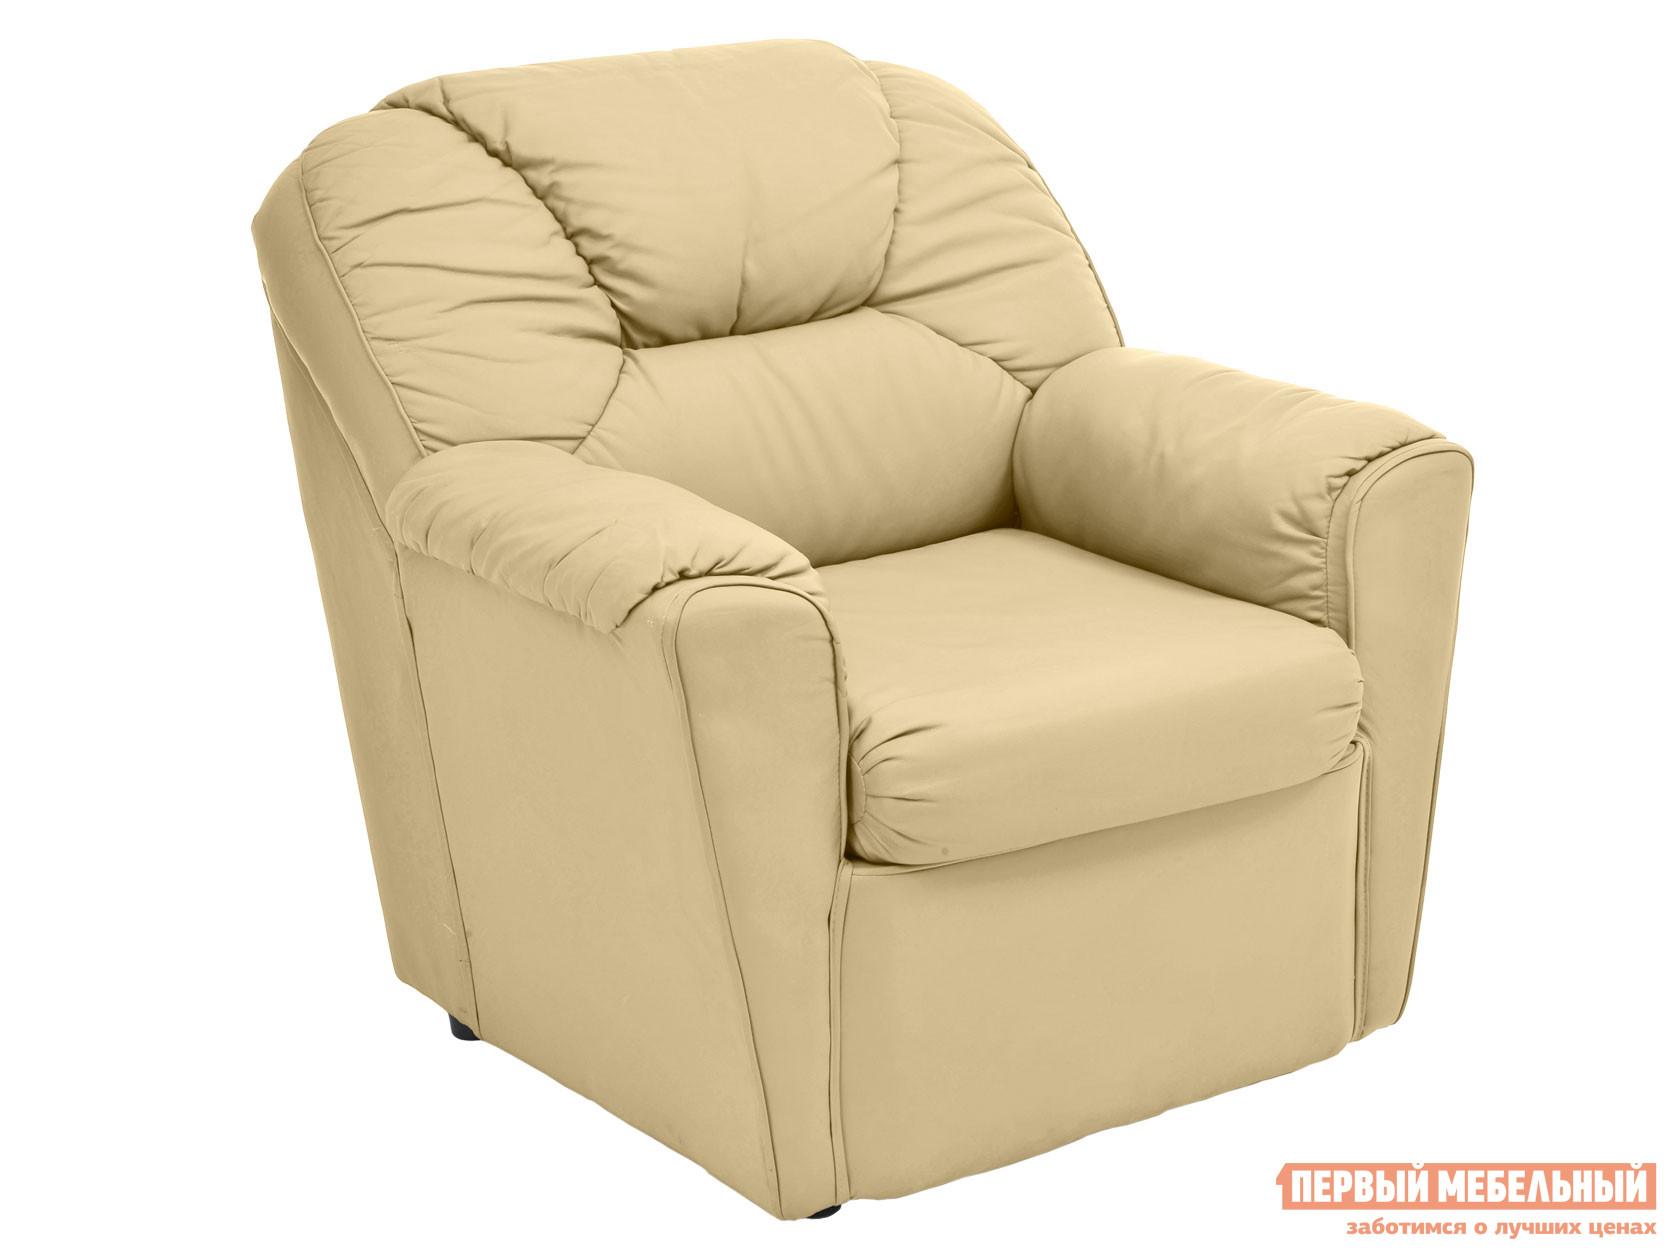 Кресло  Кресло Бизон Кремовый, экокожа — Кресло Бизон Кремовый, экокожа